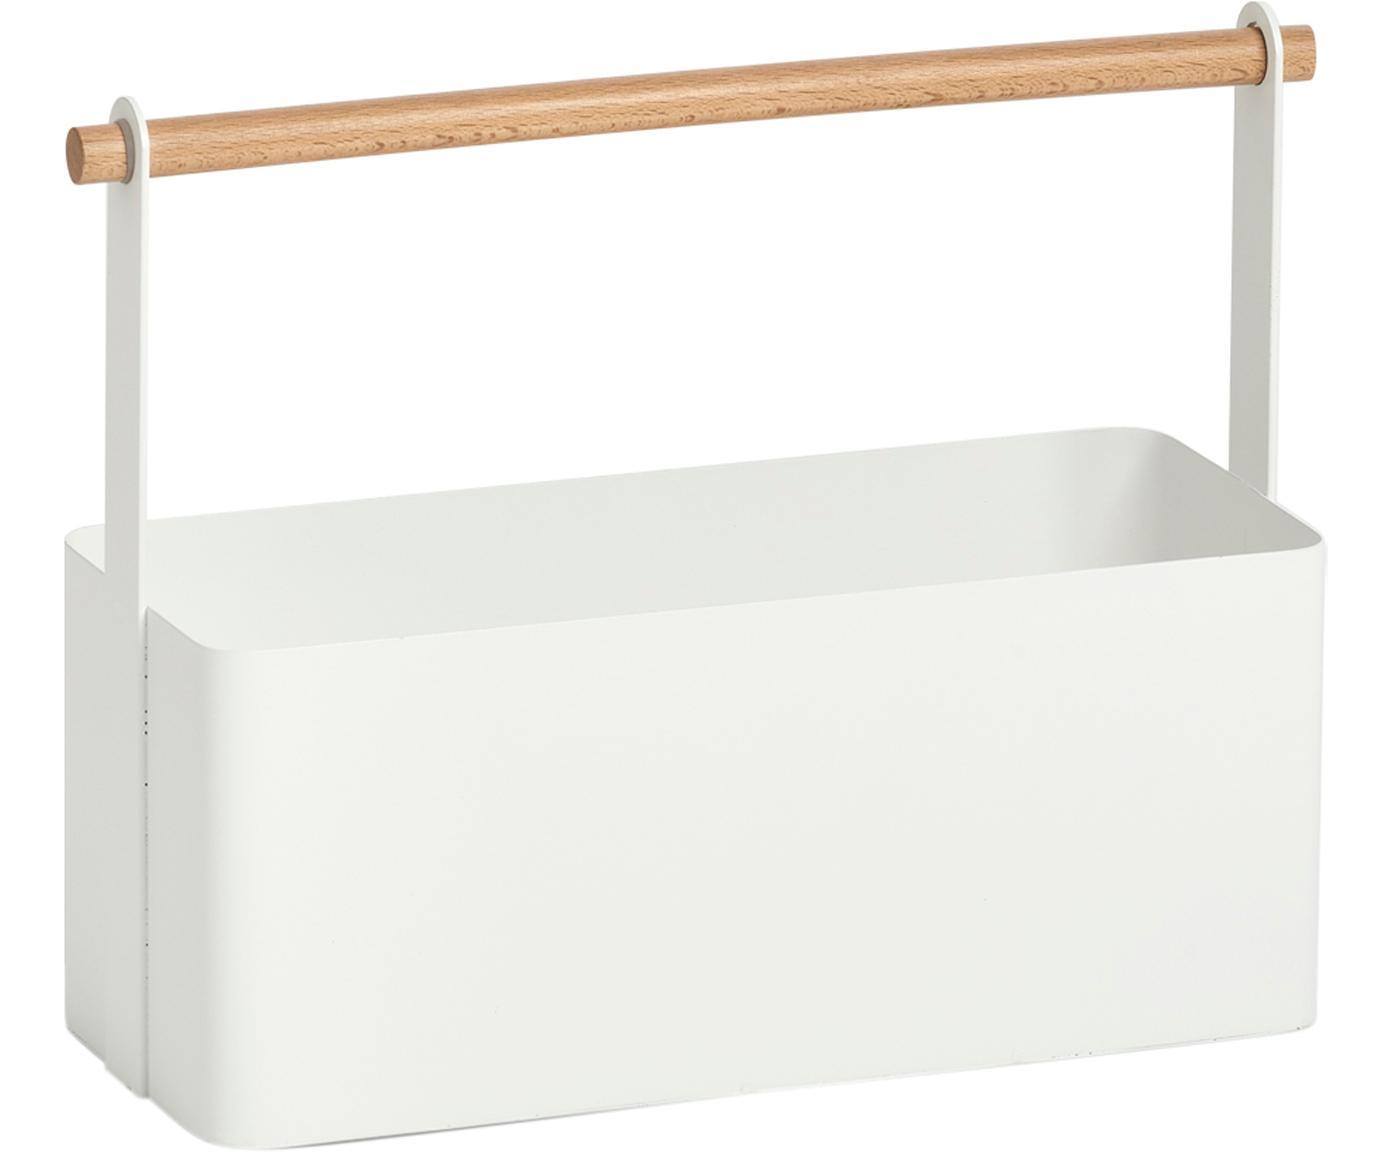 Contenitore Ledino, Metallo, legno di faggio, Bianco, legno di faggio, Larg. 32 x Alt. 16 cm